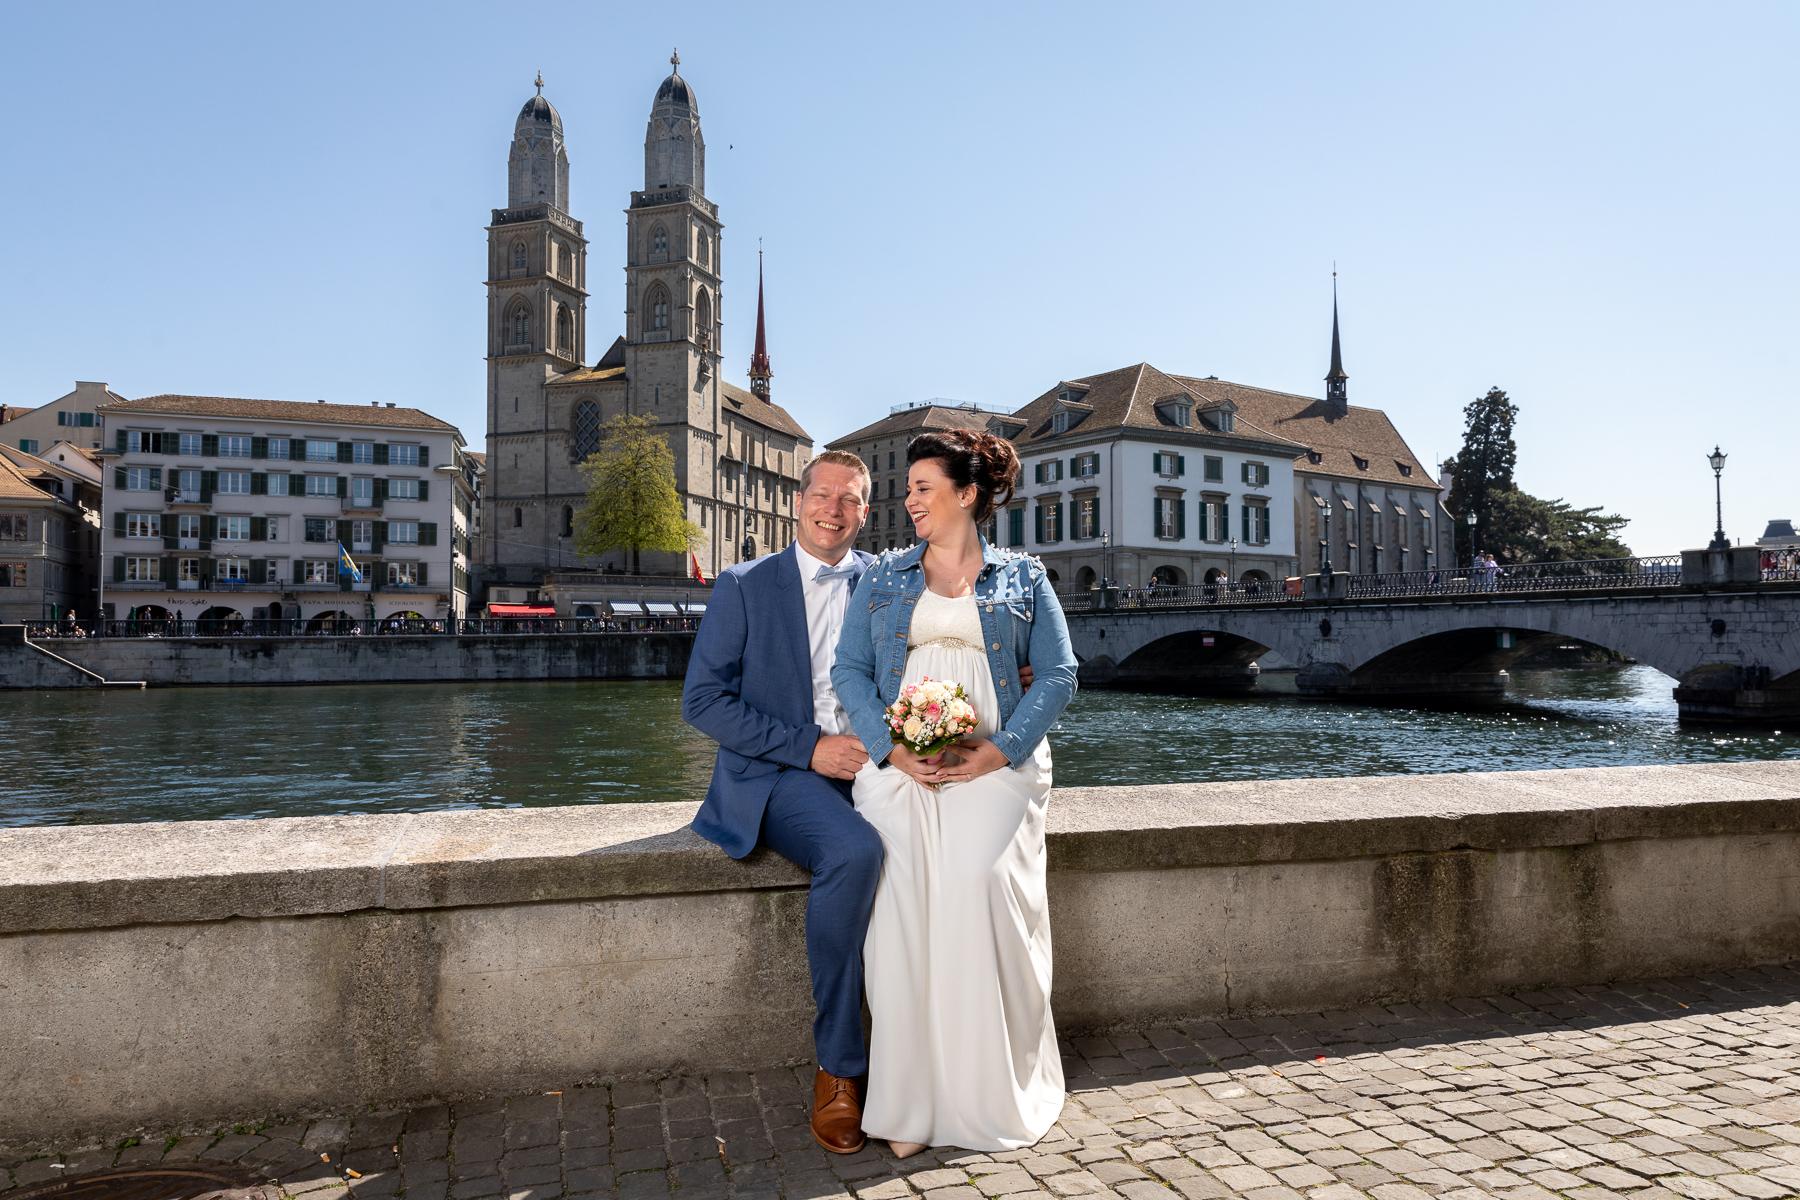 Hochzeitsfotograf Zürich, Trauung im Stadthaus